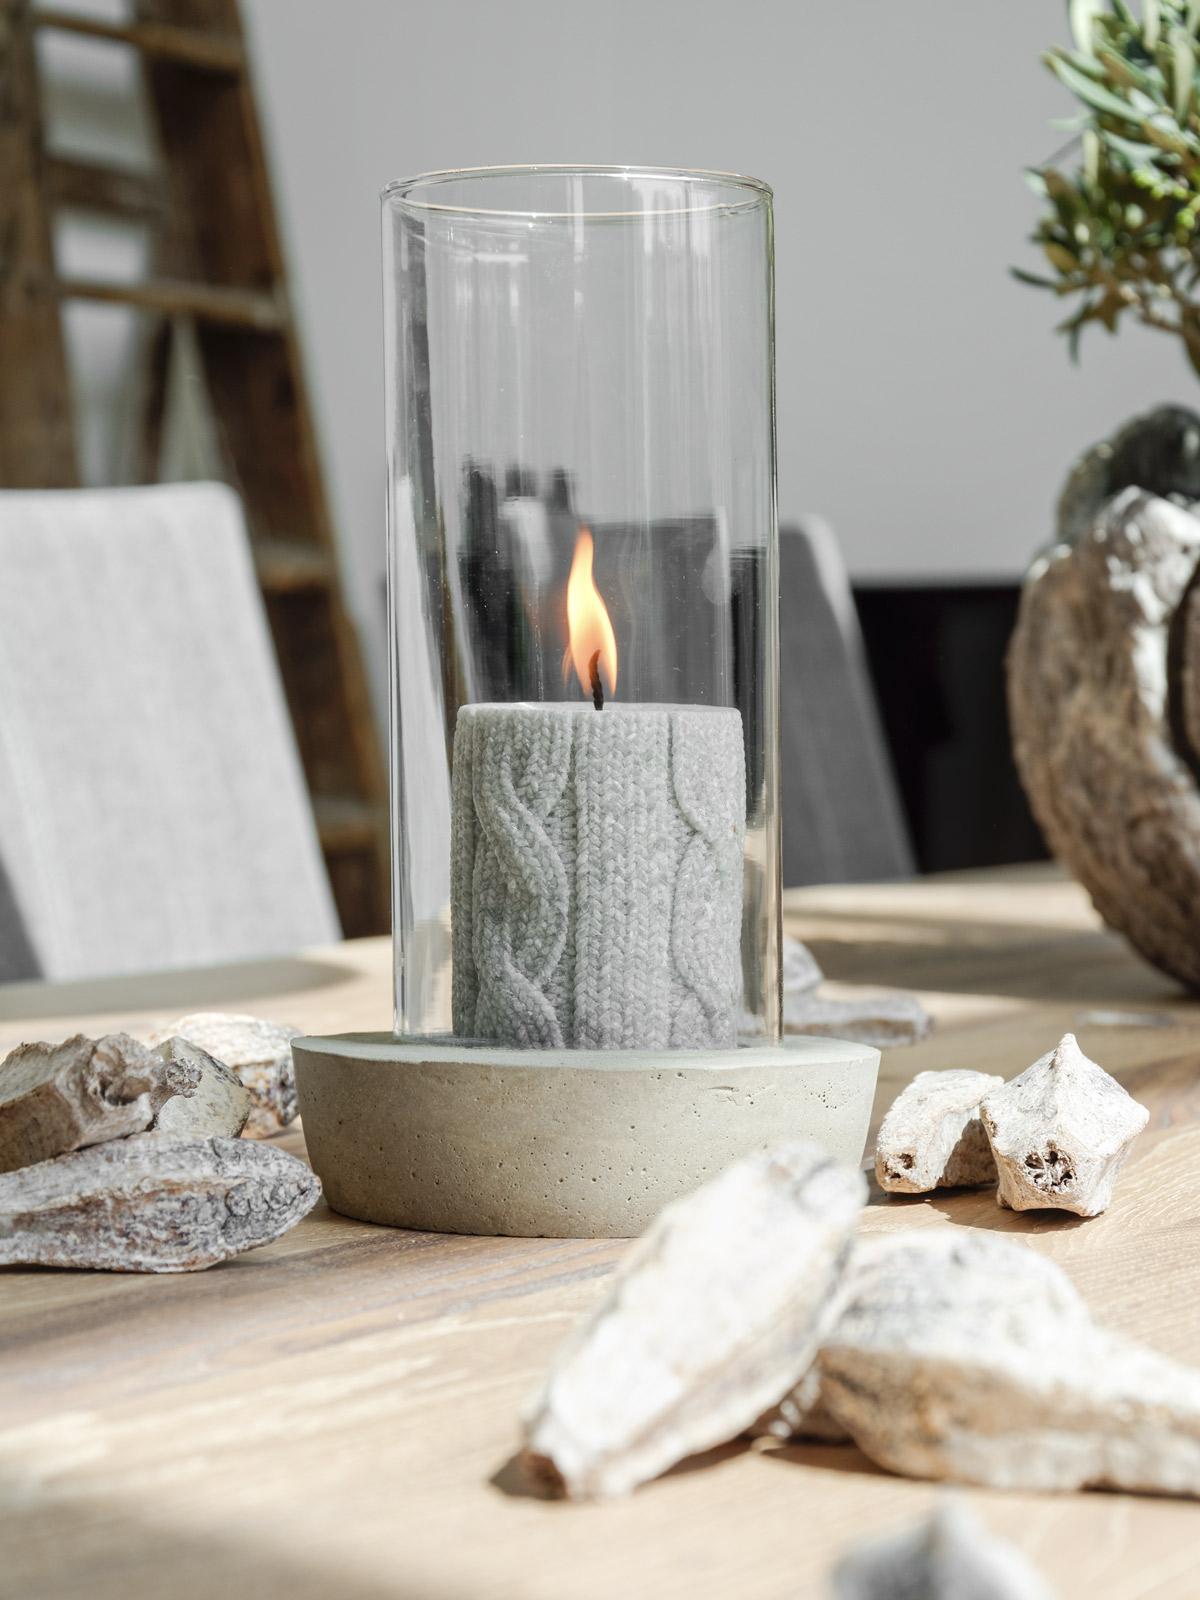 deko ideen mit gl sern diy deko ideen mit denen sie den fr hling nach hause holen. Black Bedroom Furniture Sets. Home Design Ideas